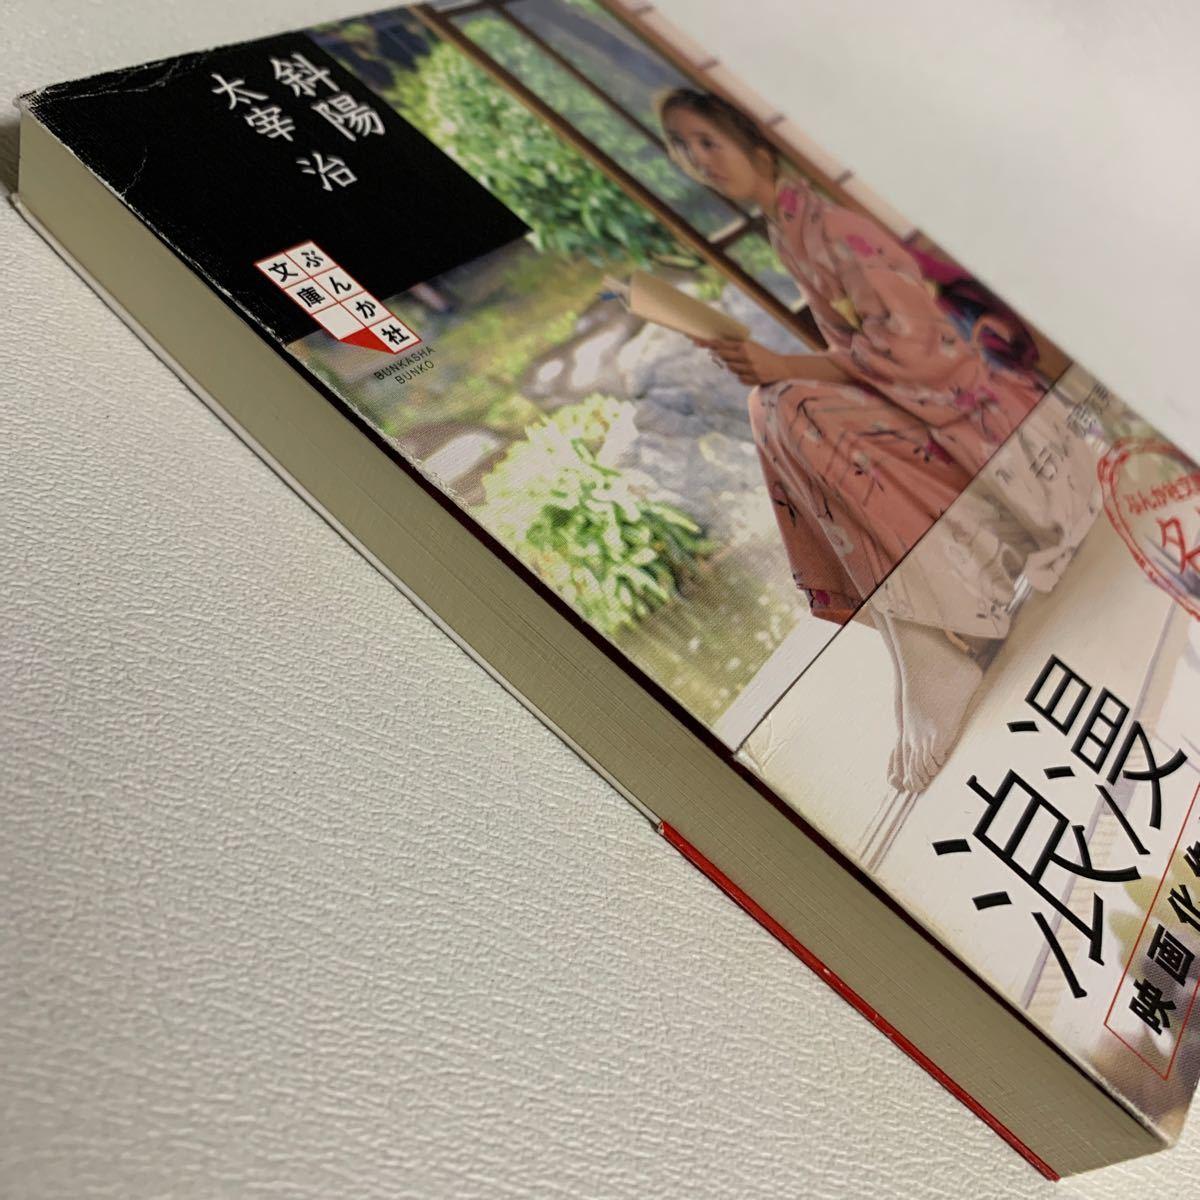 【文庫本】斜陽 / 太宰治